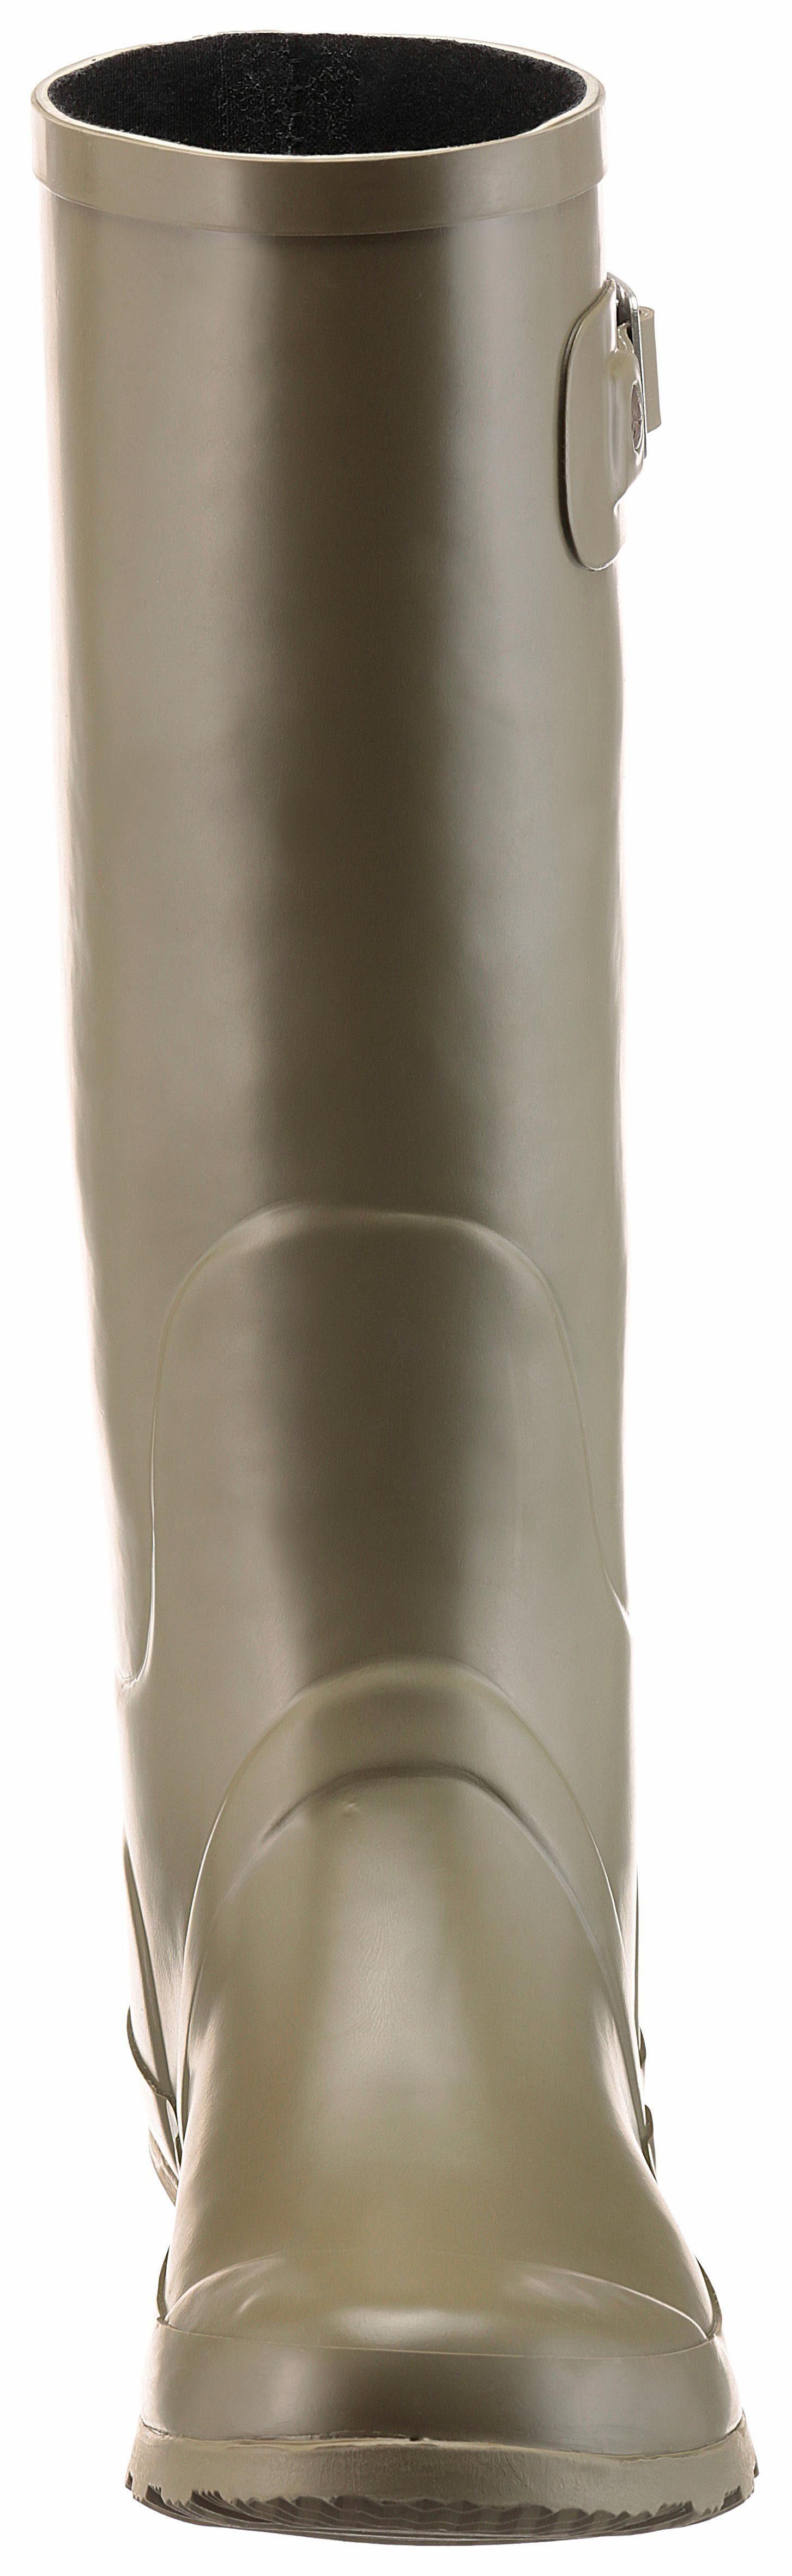 GOSCH SHOES SYLT Gummistiefel, im typischen Look  khaki